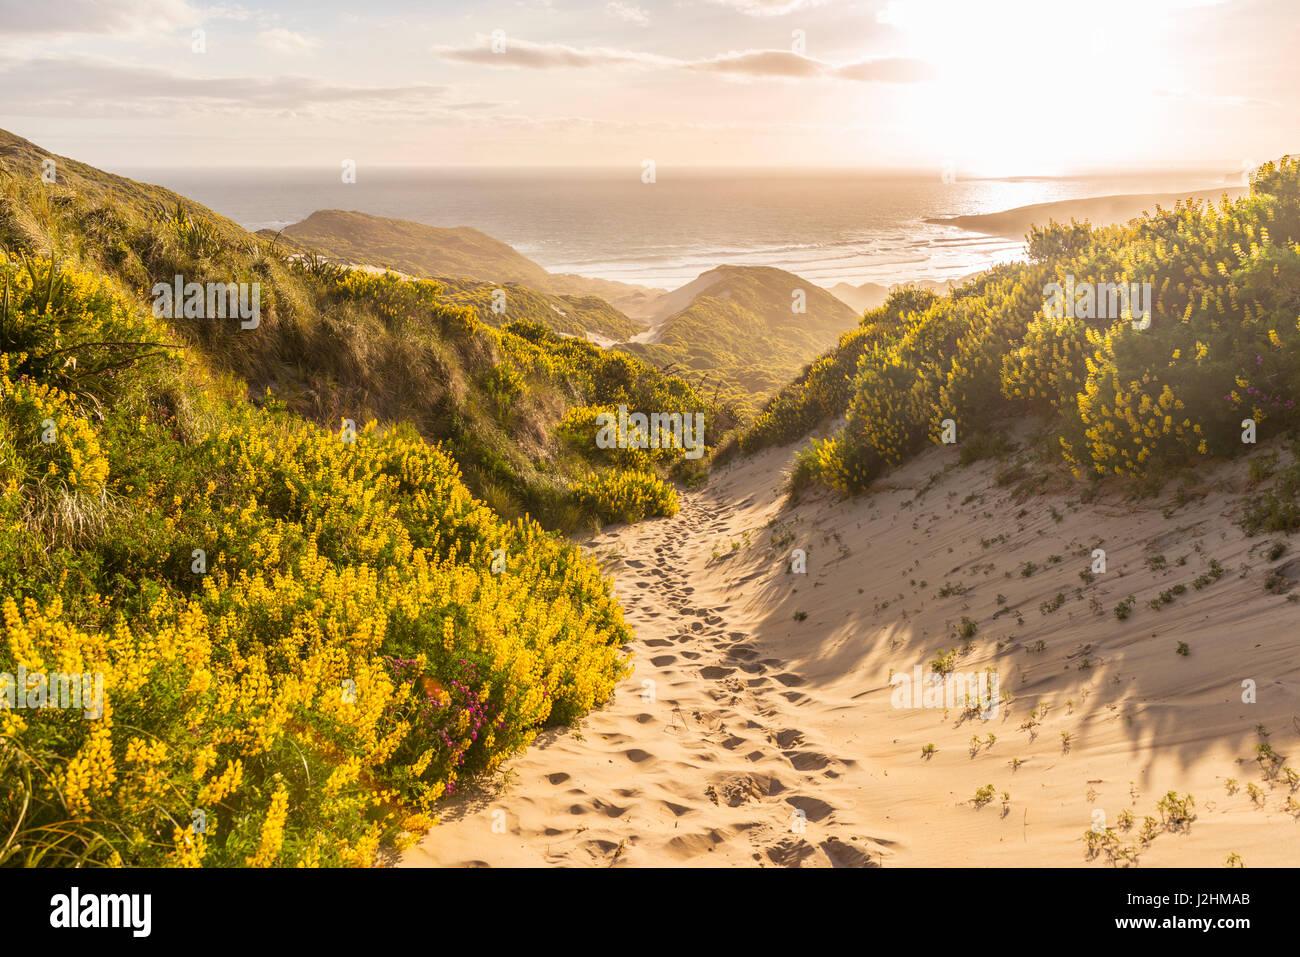 Altramuz amarillo (Lupinus luteus) sobre las dunas de arena, vista de la costa, Bahía flebótomo, Dunedin, la Región de Otago, la Península de Otago, Southland Foto de stock